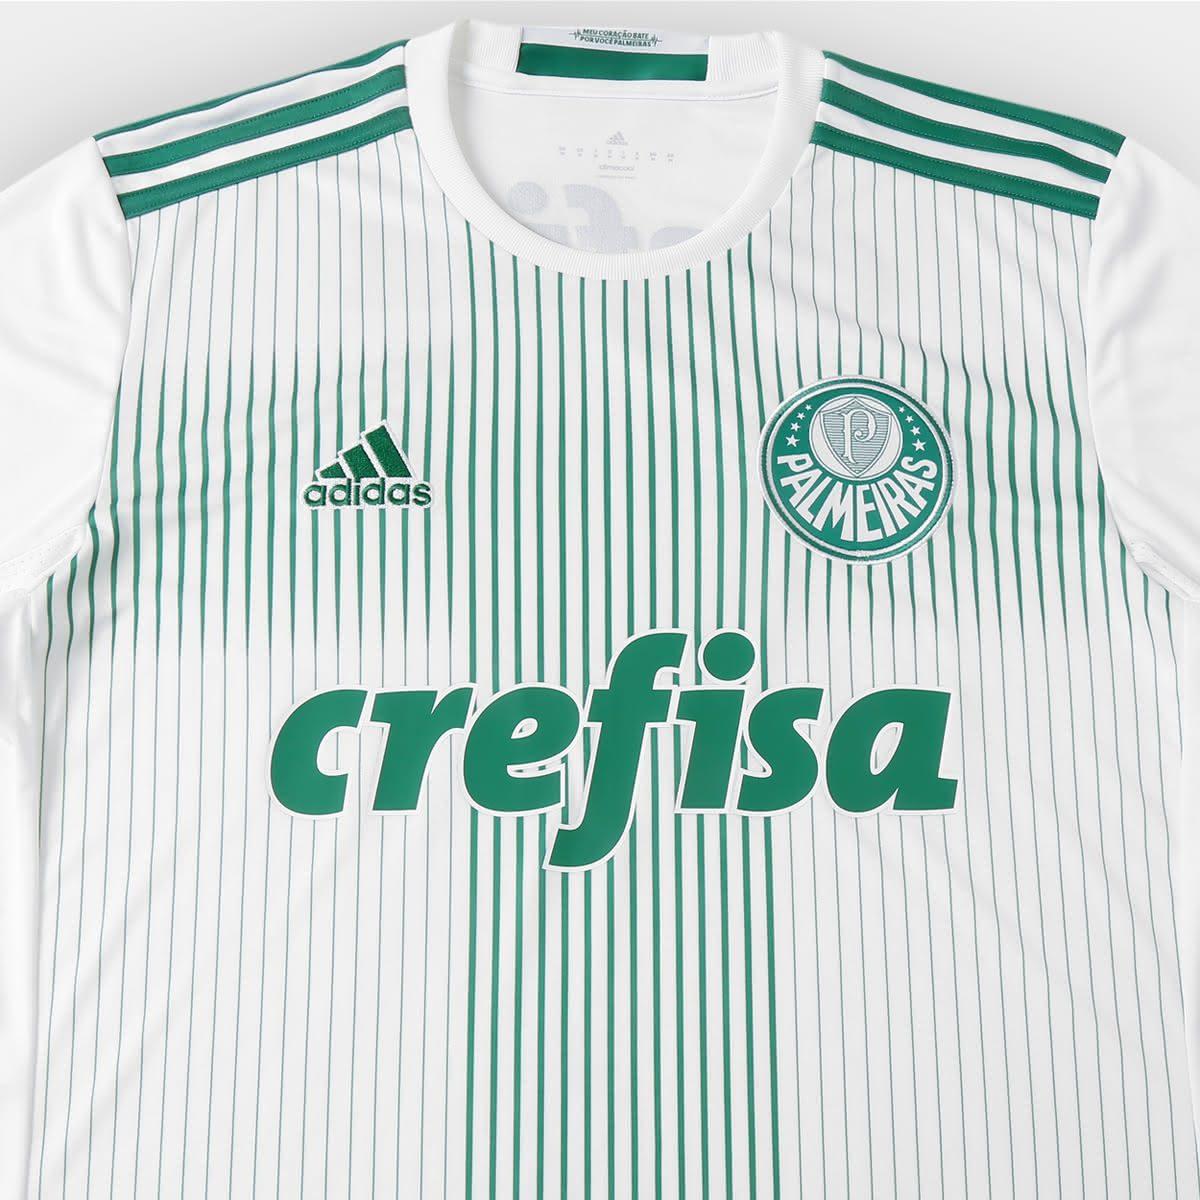 Nova camisa do Palmeiras  Lançamento 2017   2018  NOVIDADE  b0d8568c8bedf